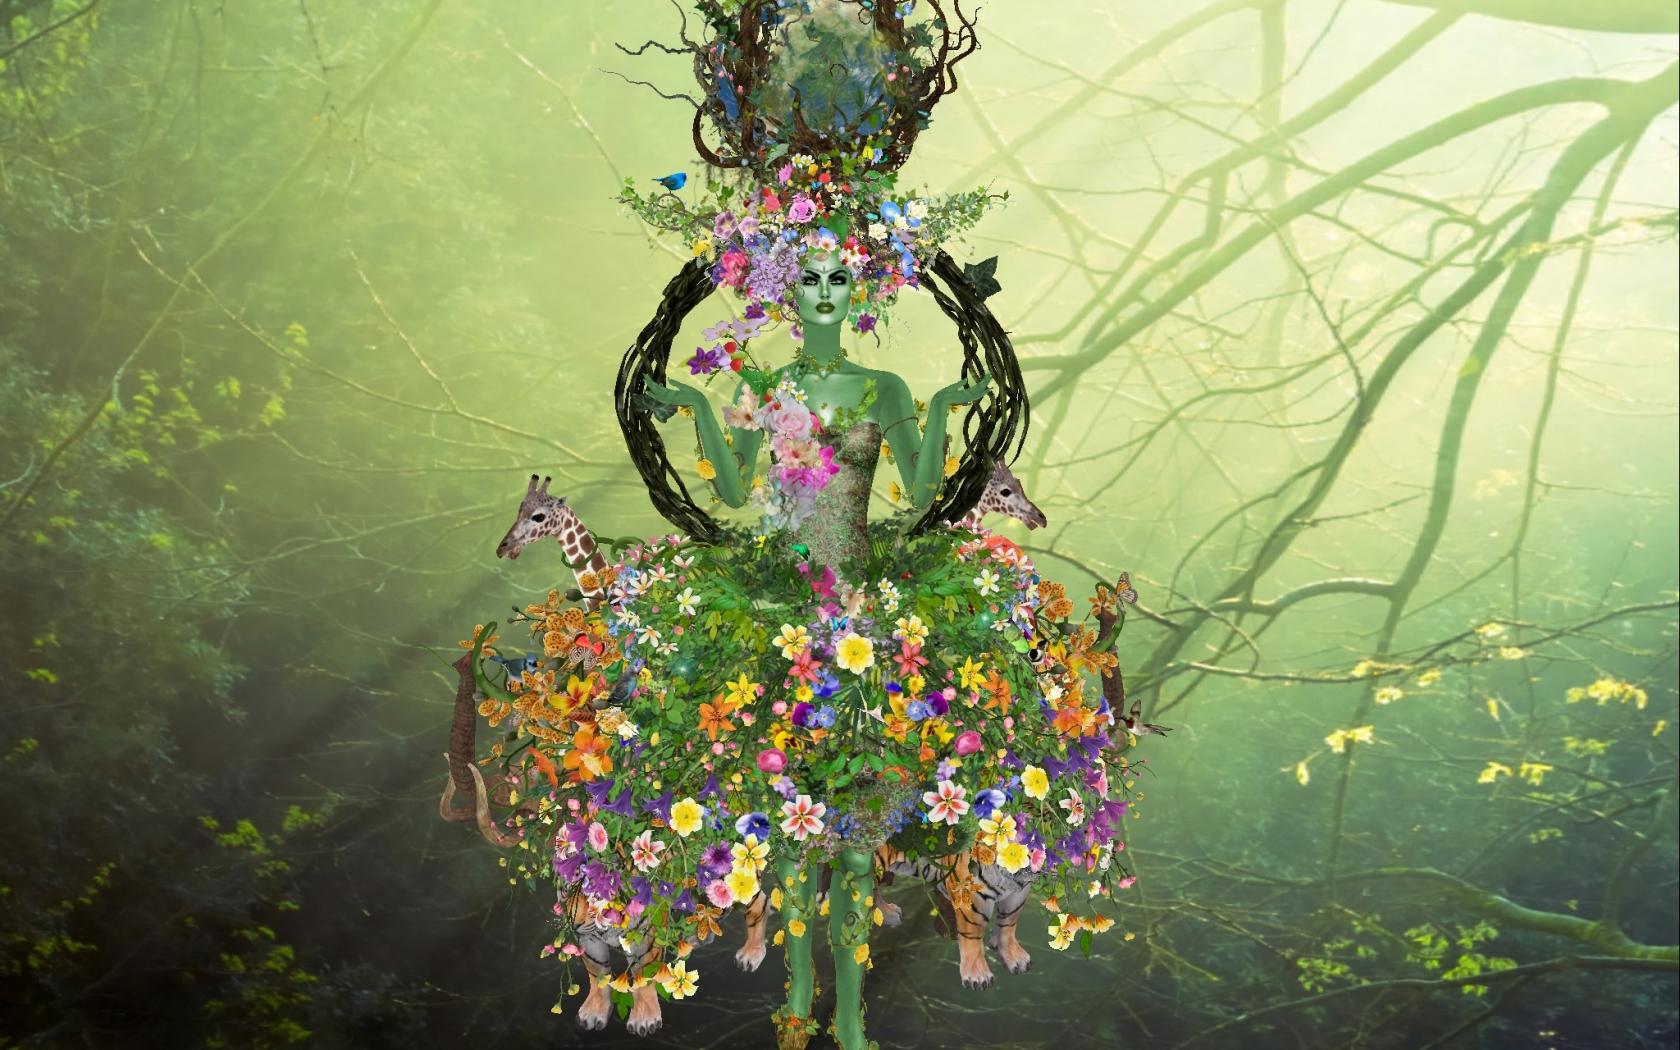 Flores y la madre abstracta - 1680x1050